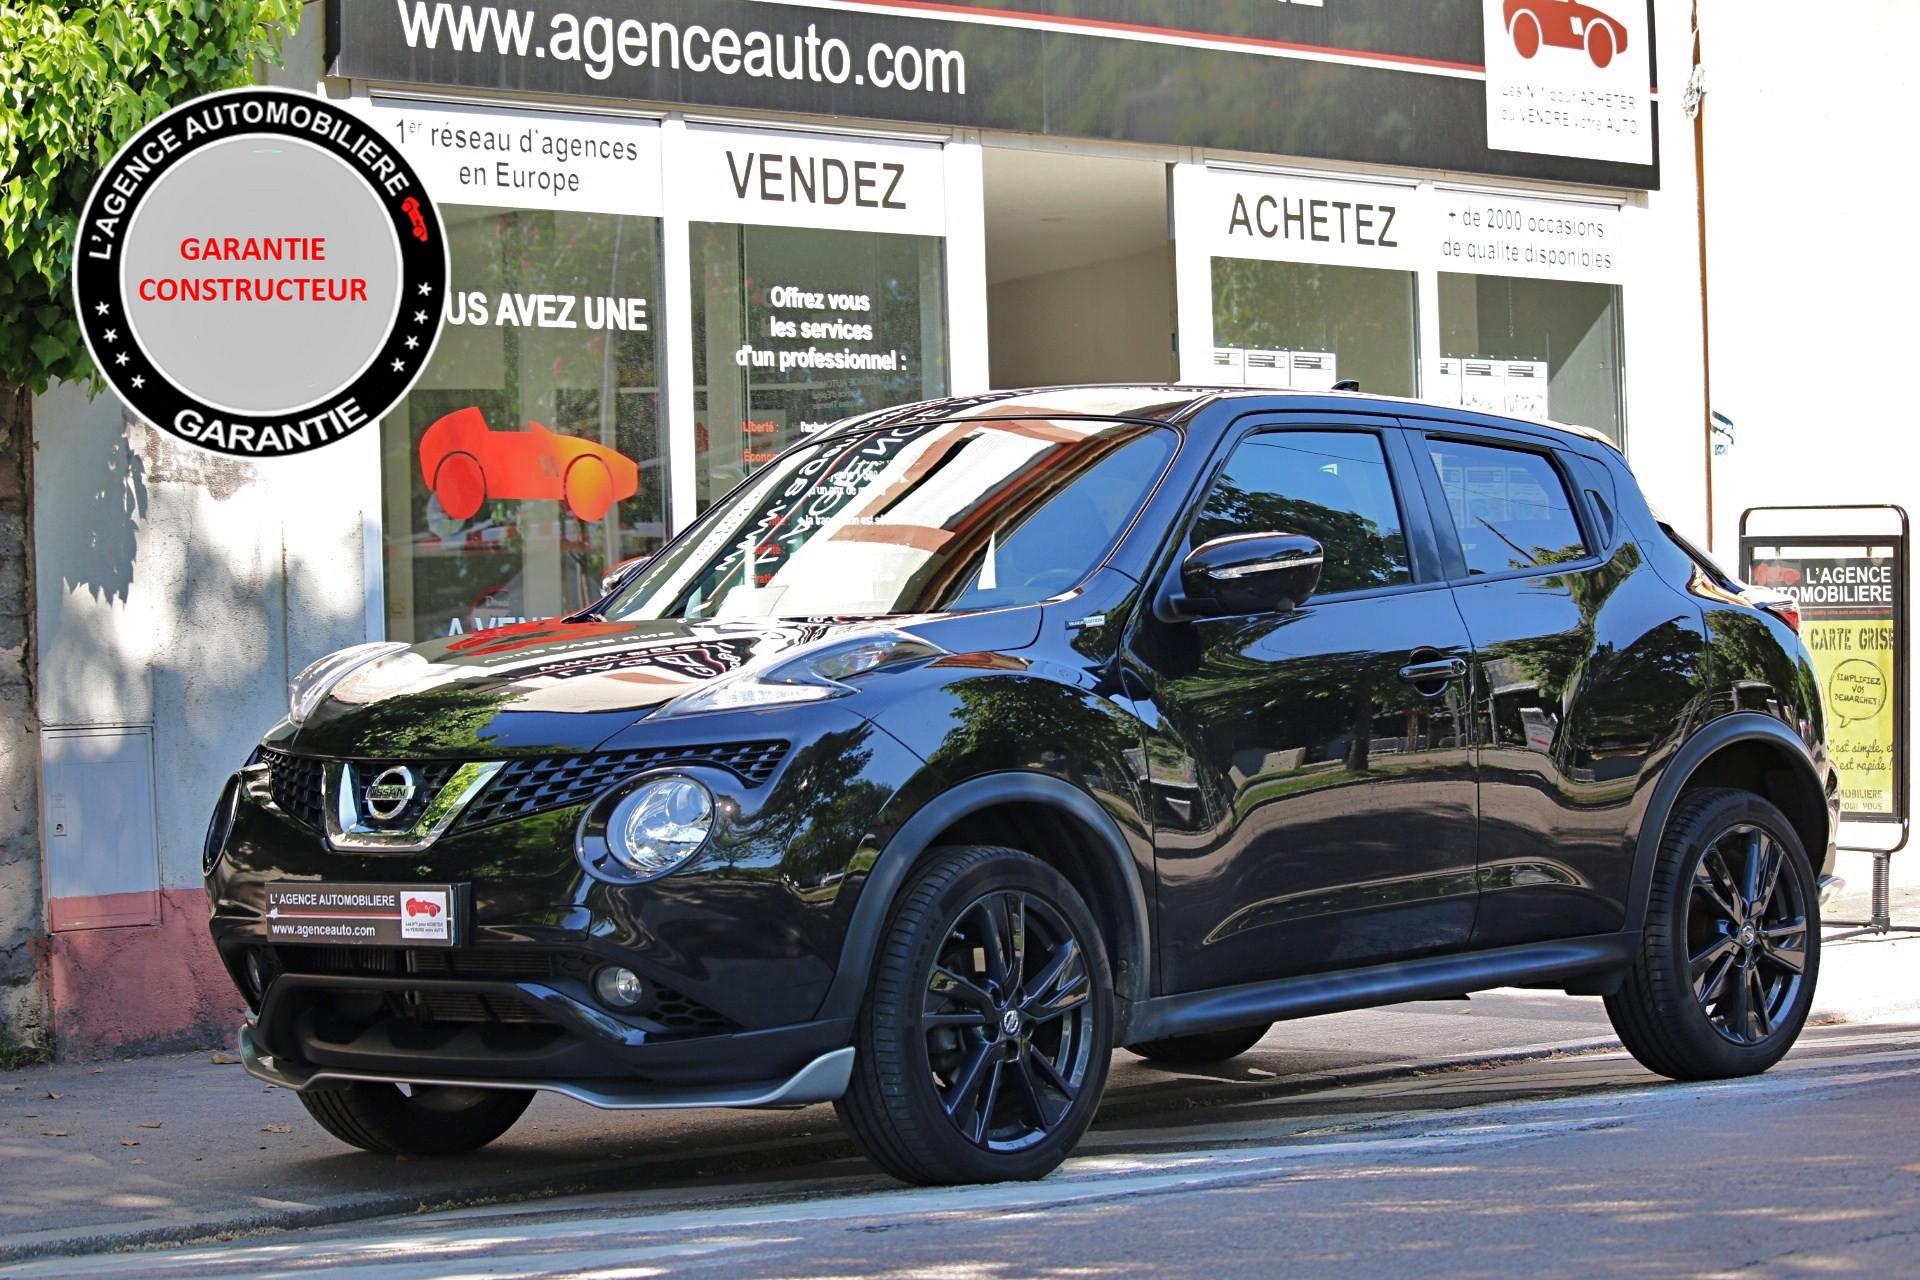 Nissan Juke 1 2 Dig T 115 Black Edition Em 2ª Mao Epinal A Bom Preco Viatura Usada Vosges 88 Auto Immo